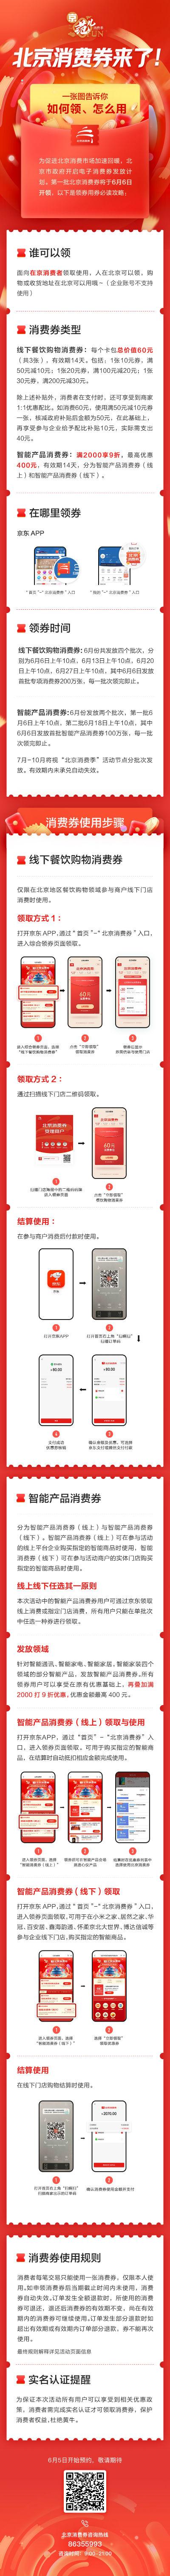 【雅然培训】_北京消费季本周六启动,将发放122亿元消费券